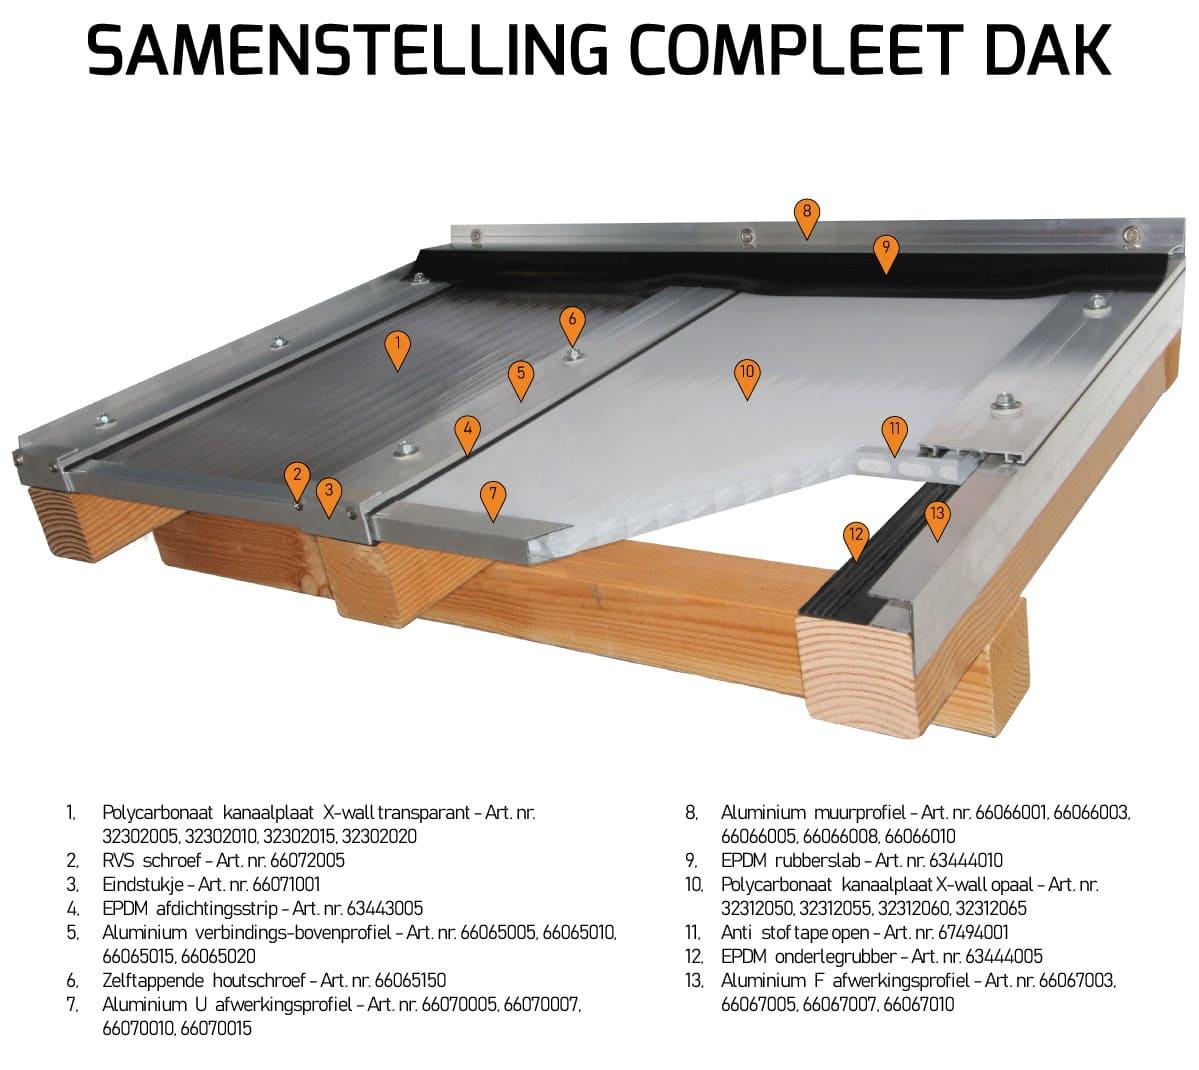 Compleet polycarbonaat kanaalplaten dak uitleg alle onderdelen